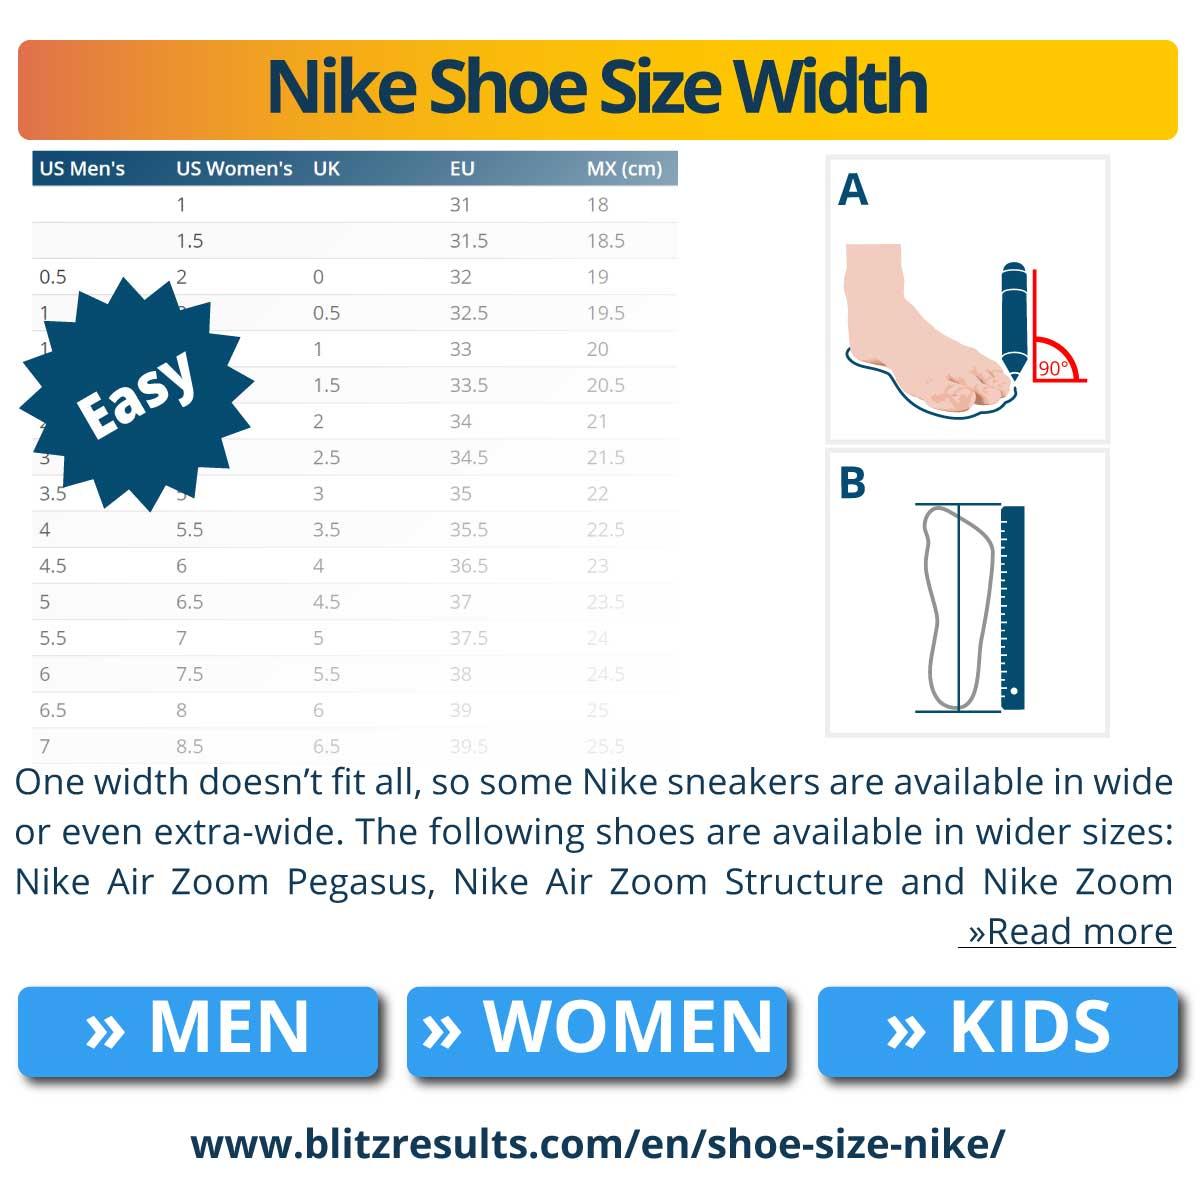 Nike Shoe Size Width